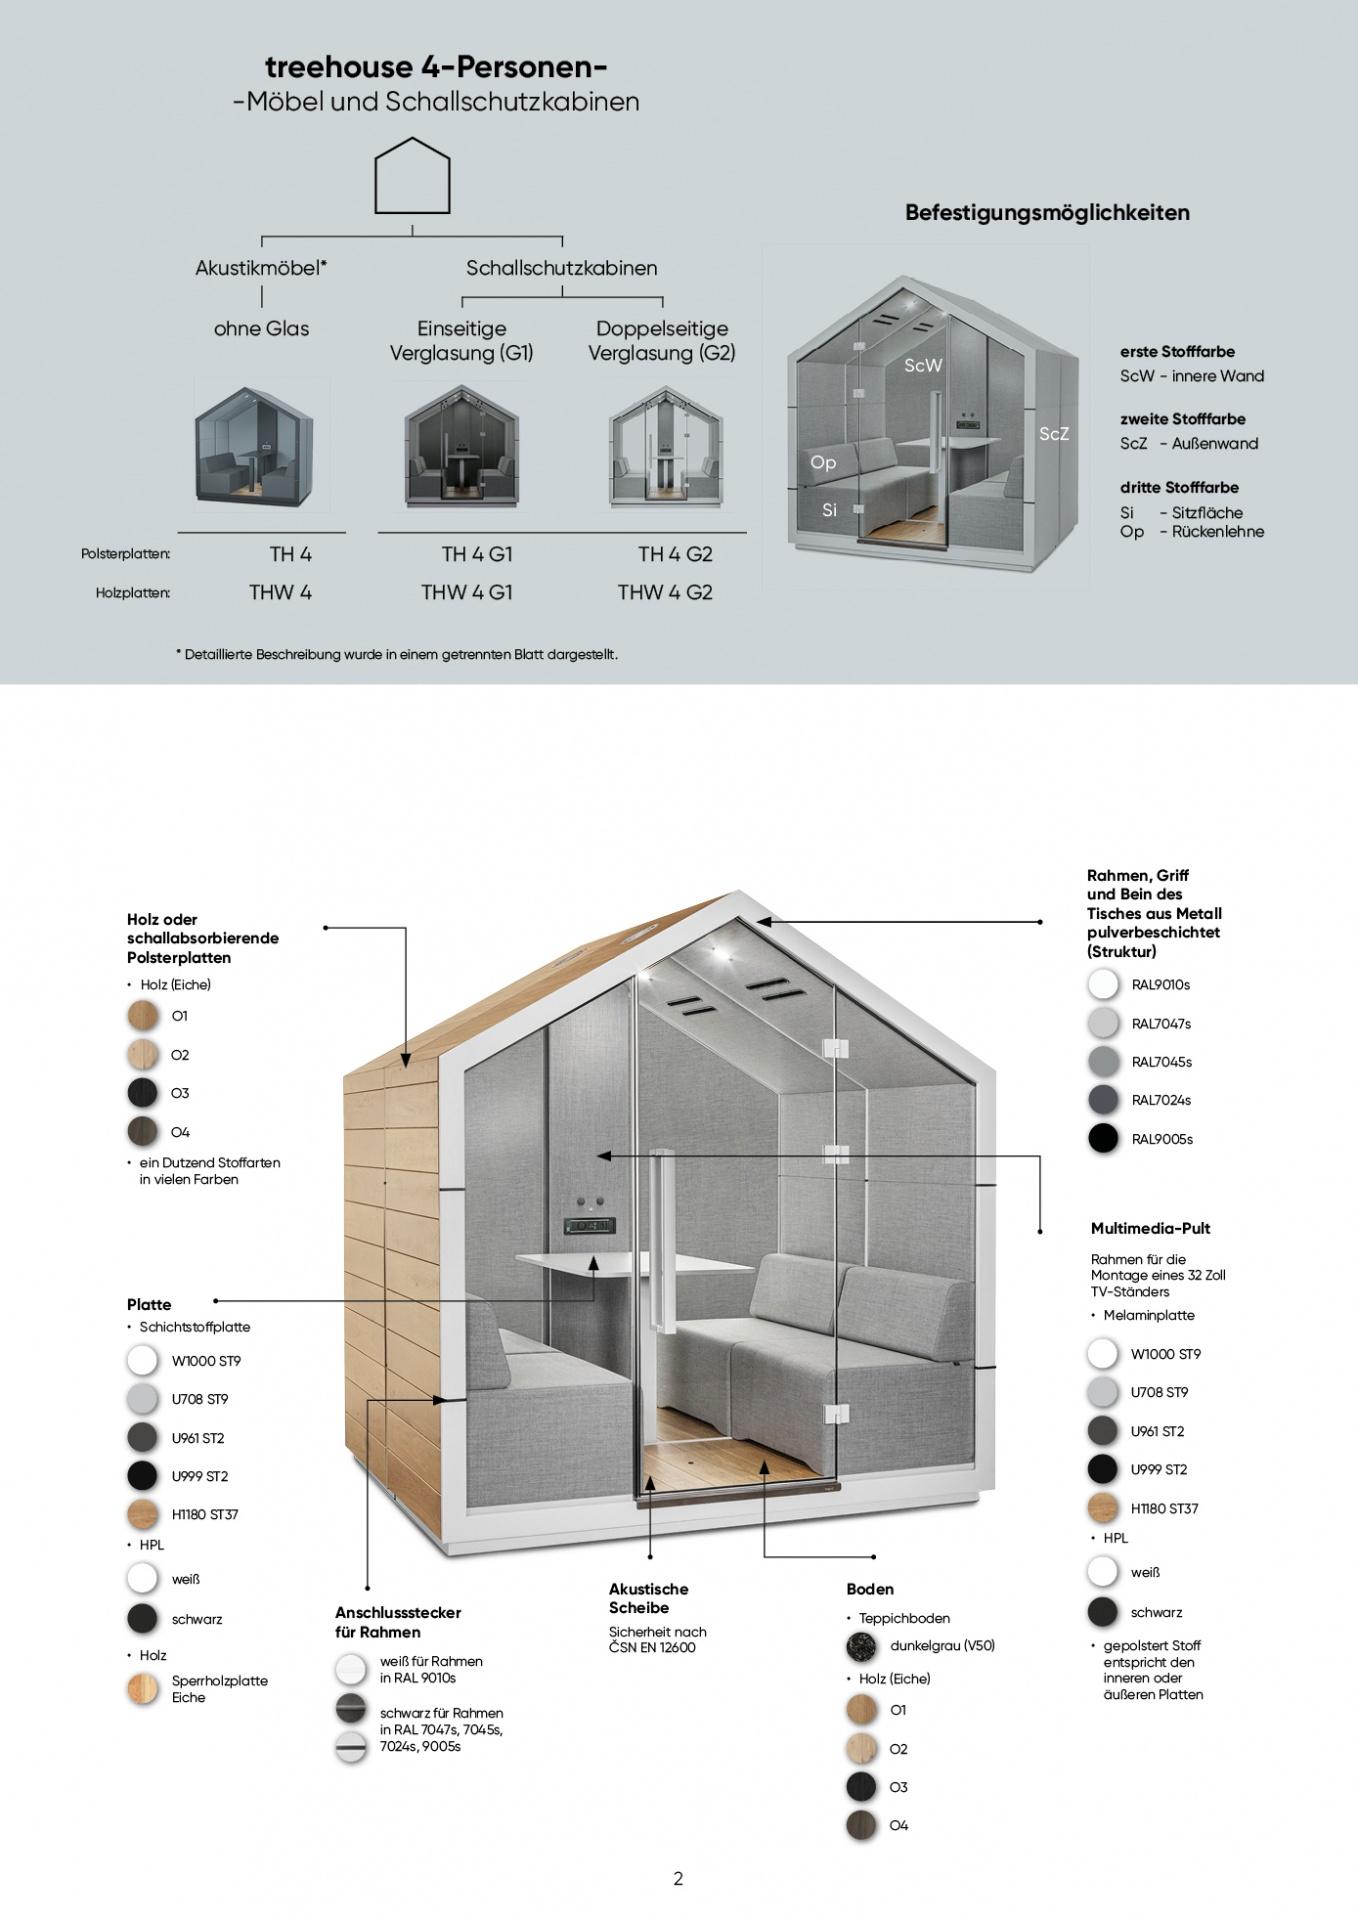 treehouse-akustik-kabinen-4-person2.jpg